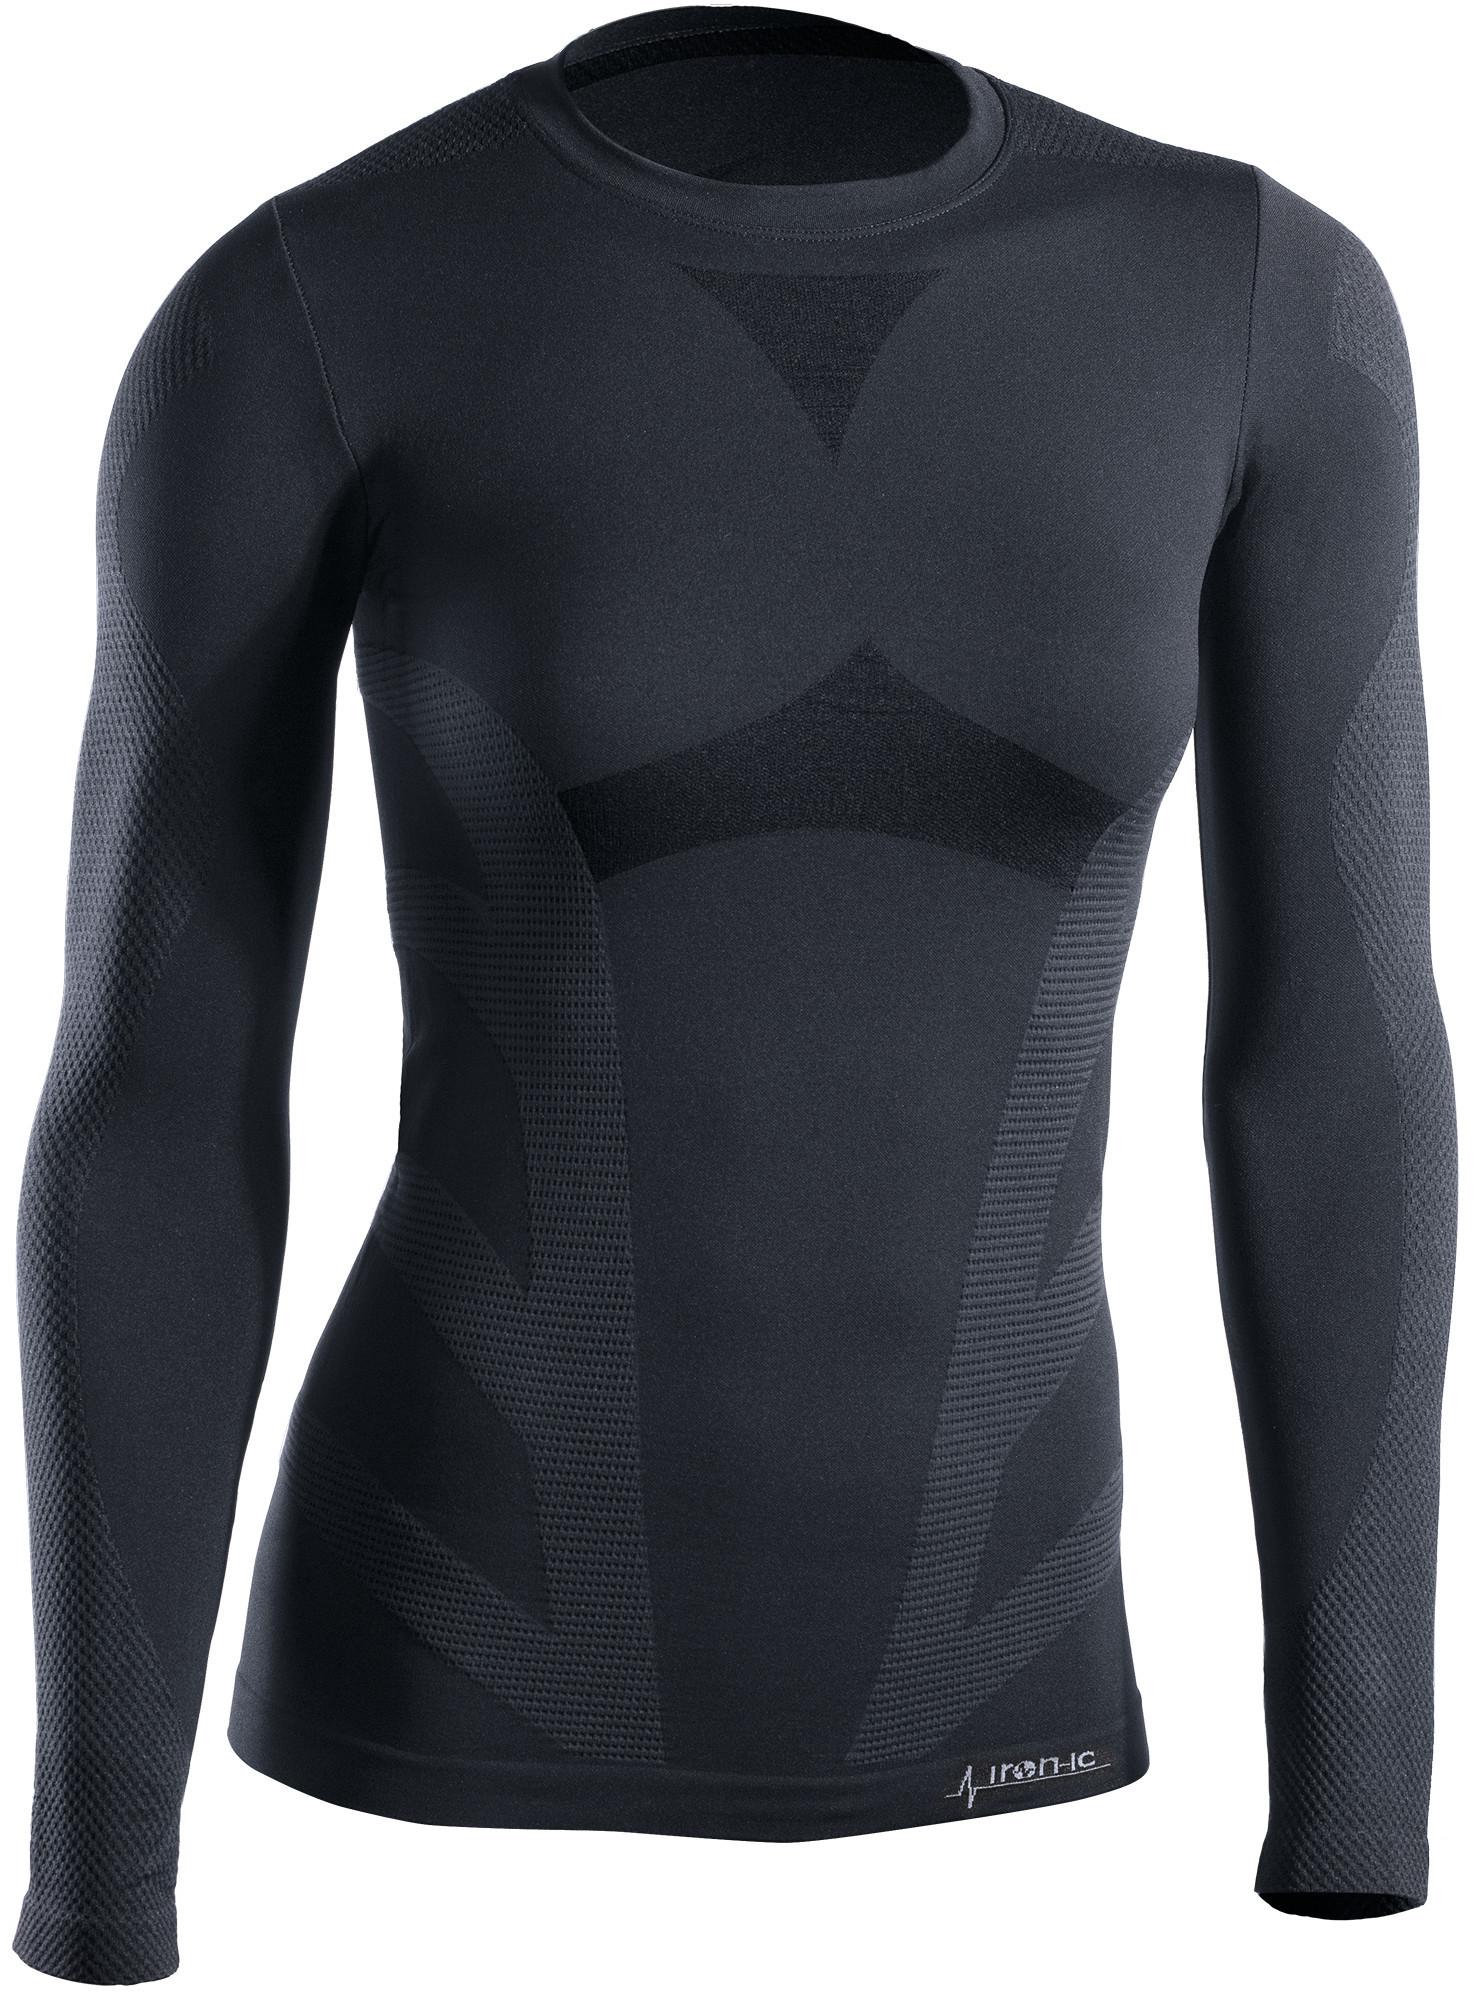 Dámske termo tričko s dlhým rukávom IRON-IC Farba: Čierna, Veľkosť M / L